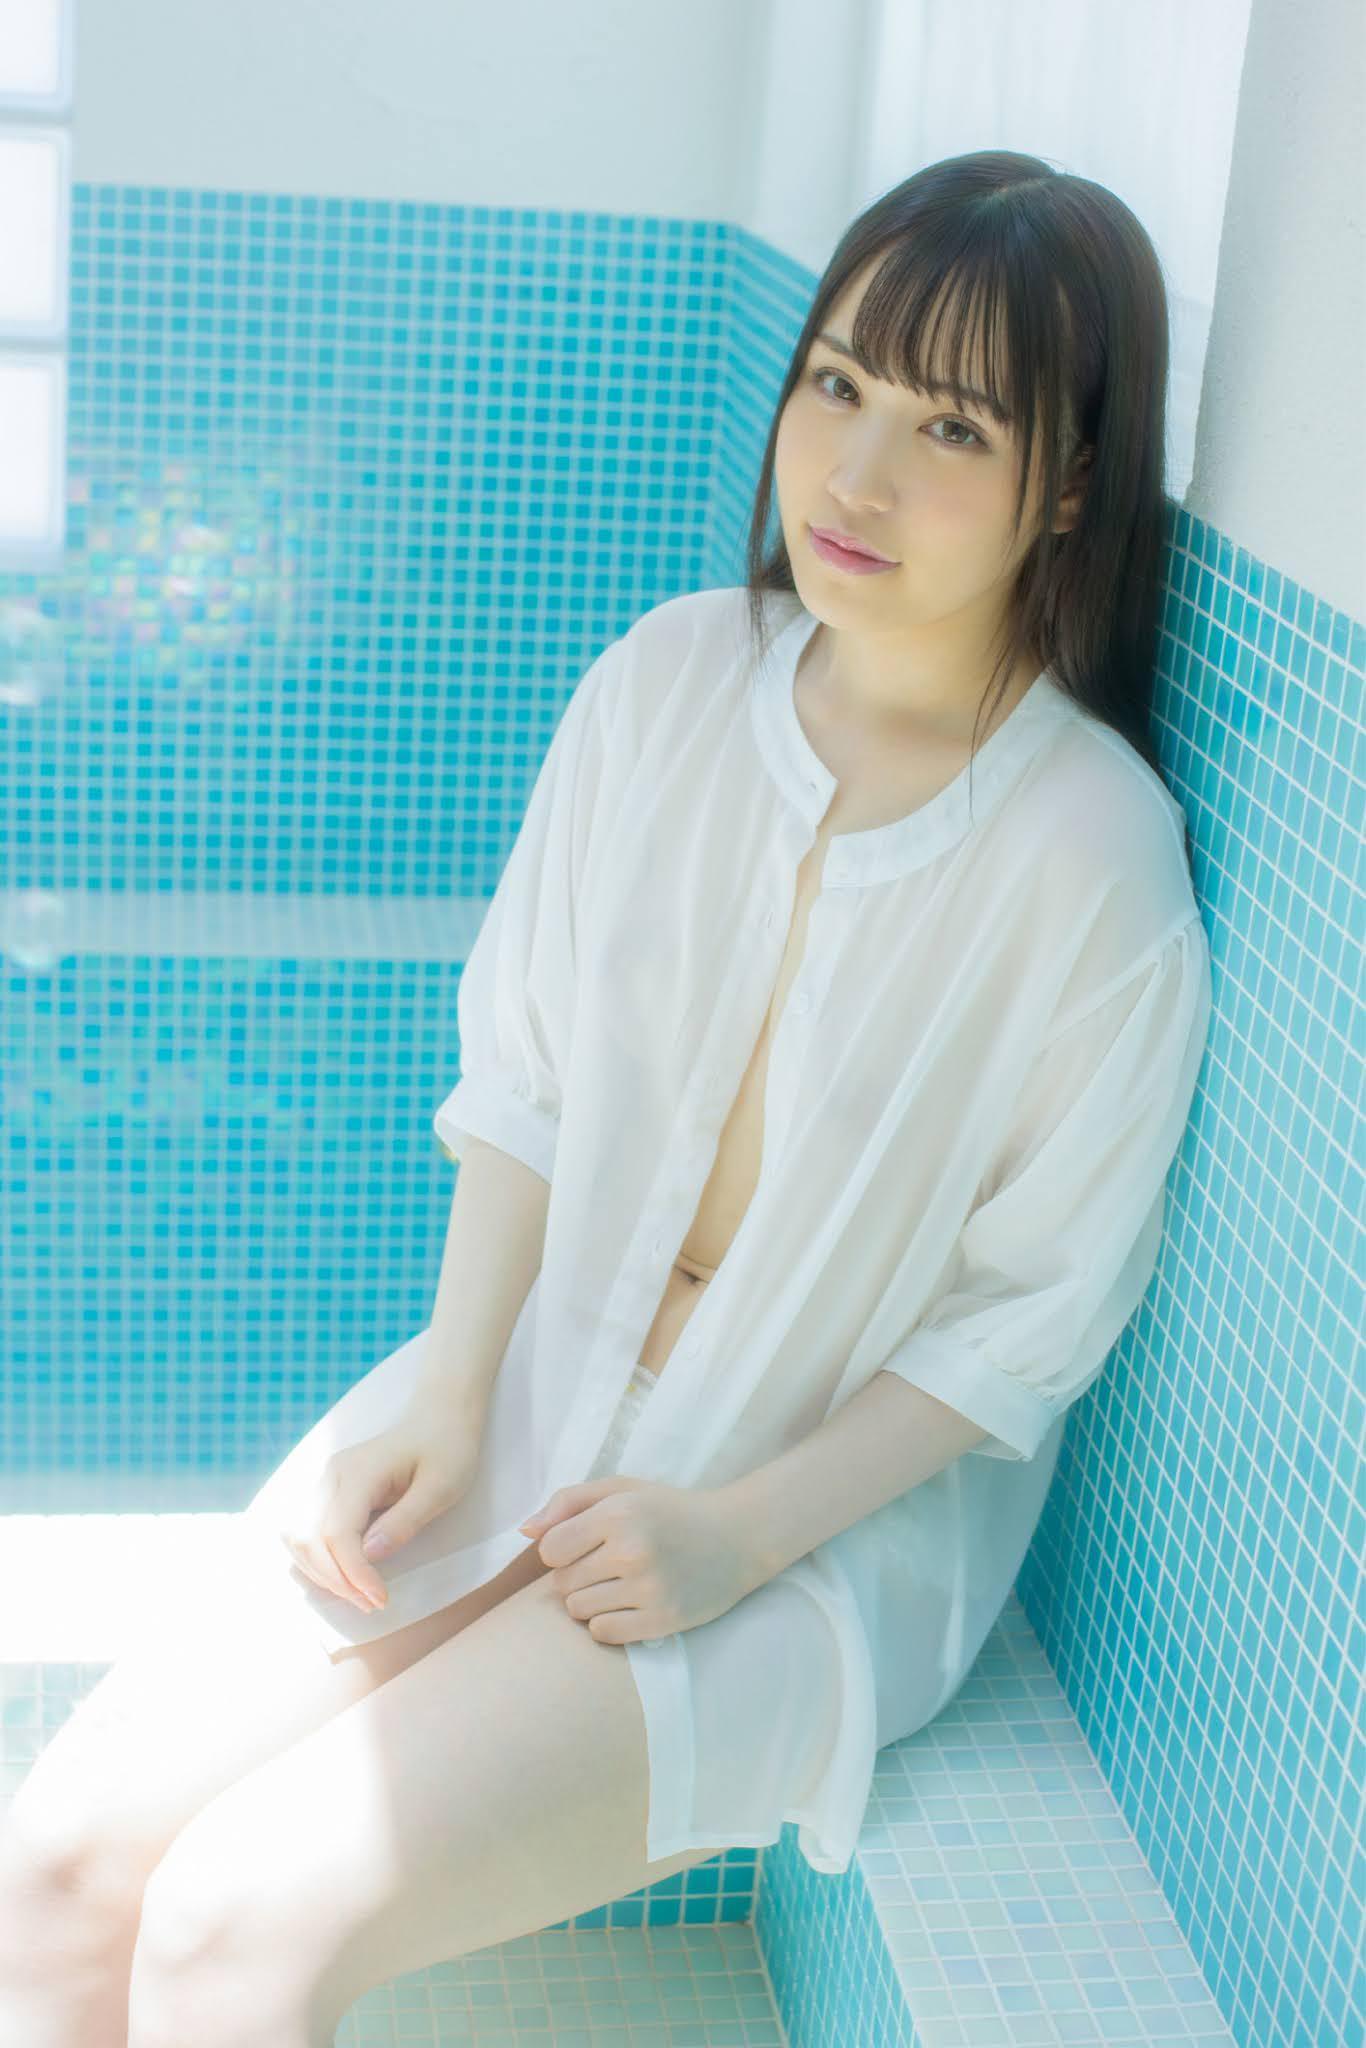 BGN-067提前一个月到场的人气偶像时田萌々果然是大魔王级别的妖物 (8)